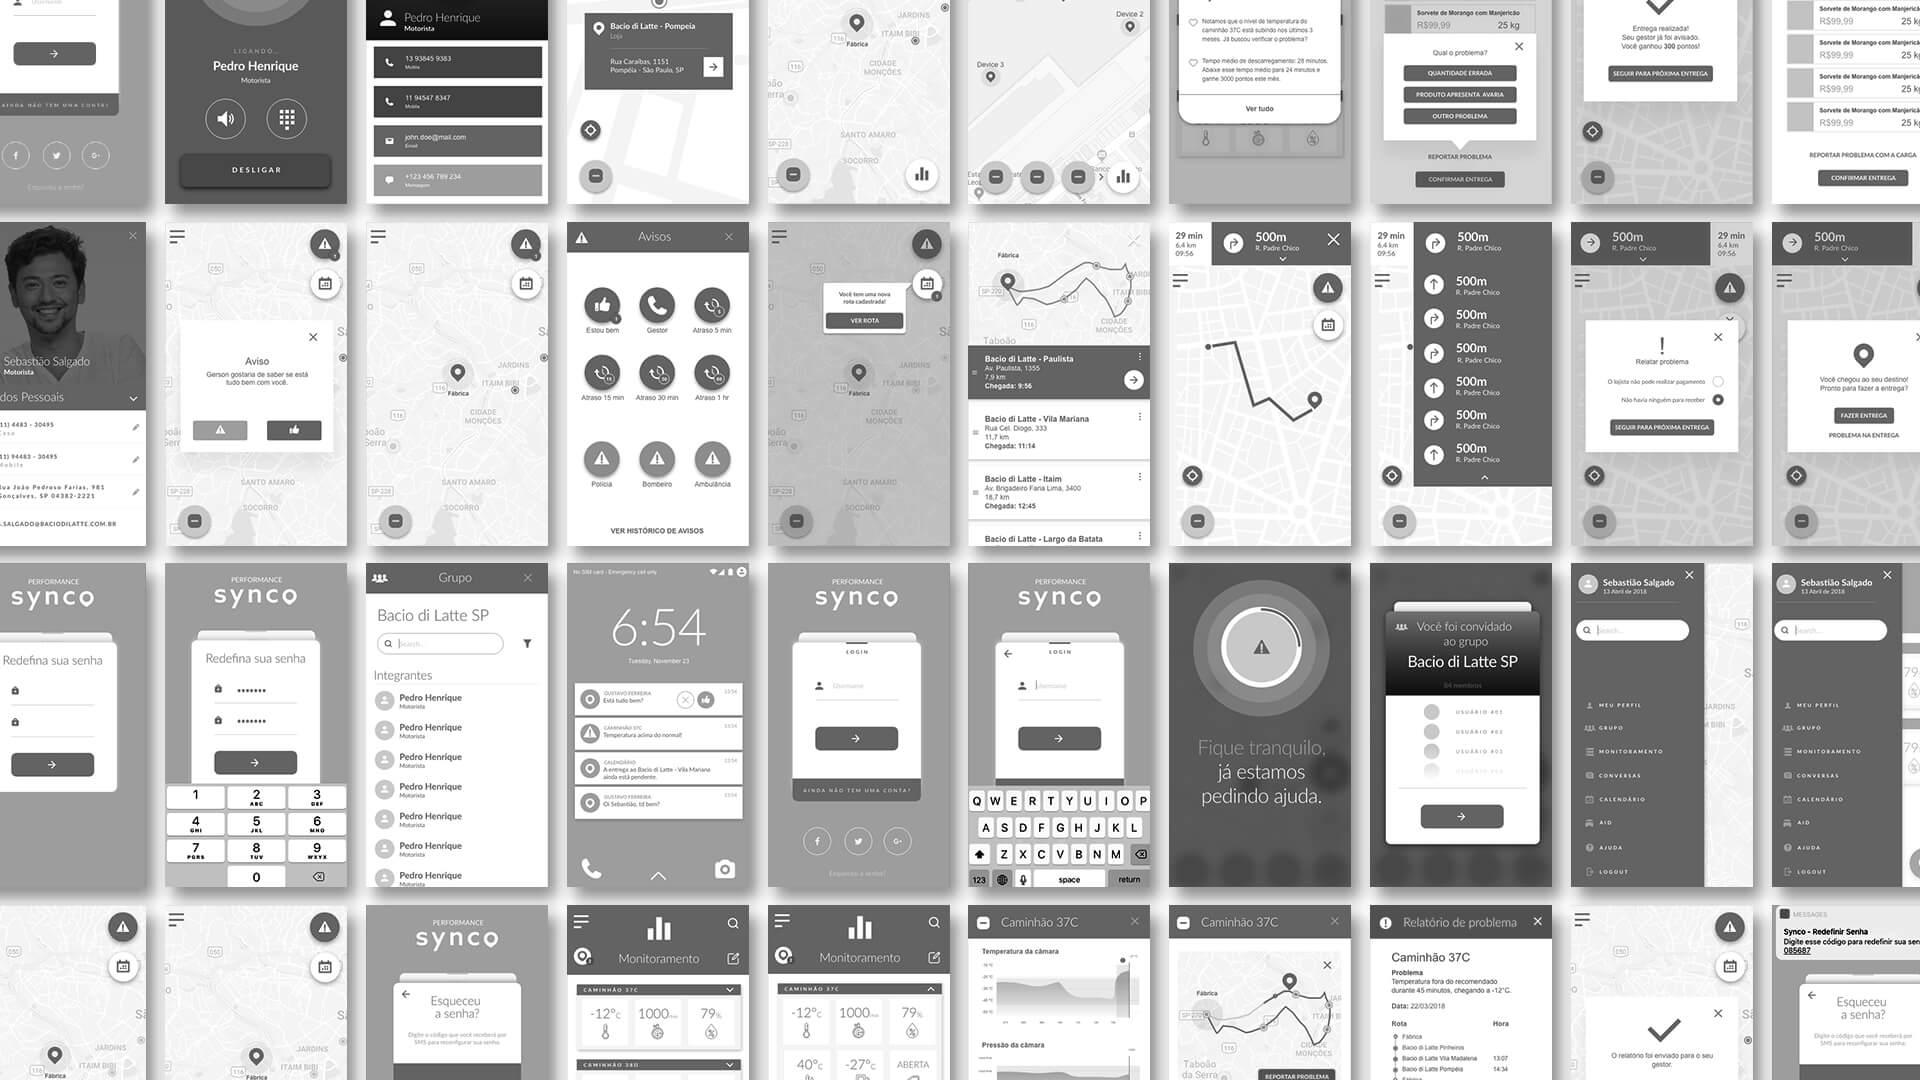 telas-app-synco